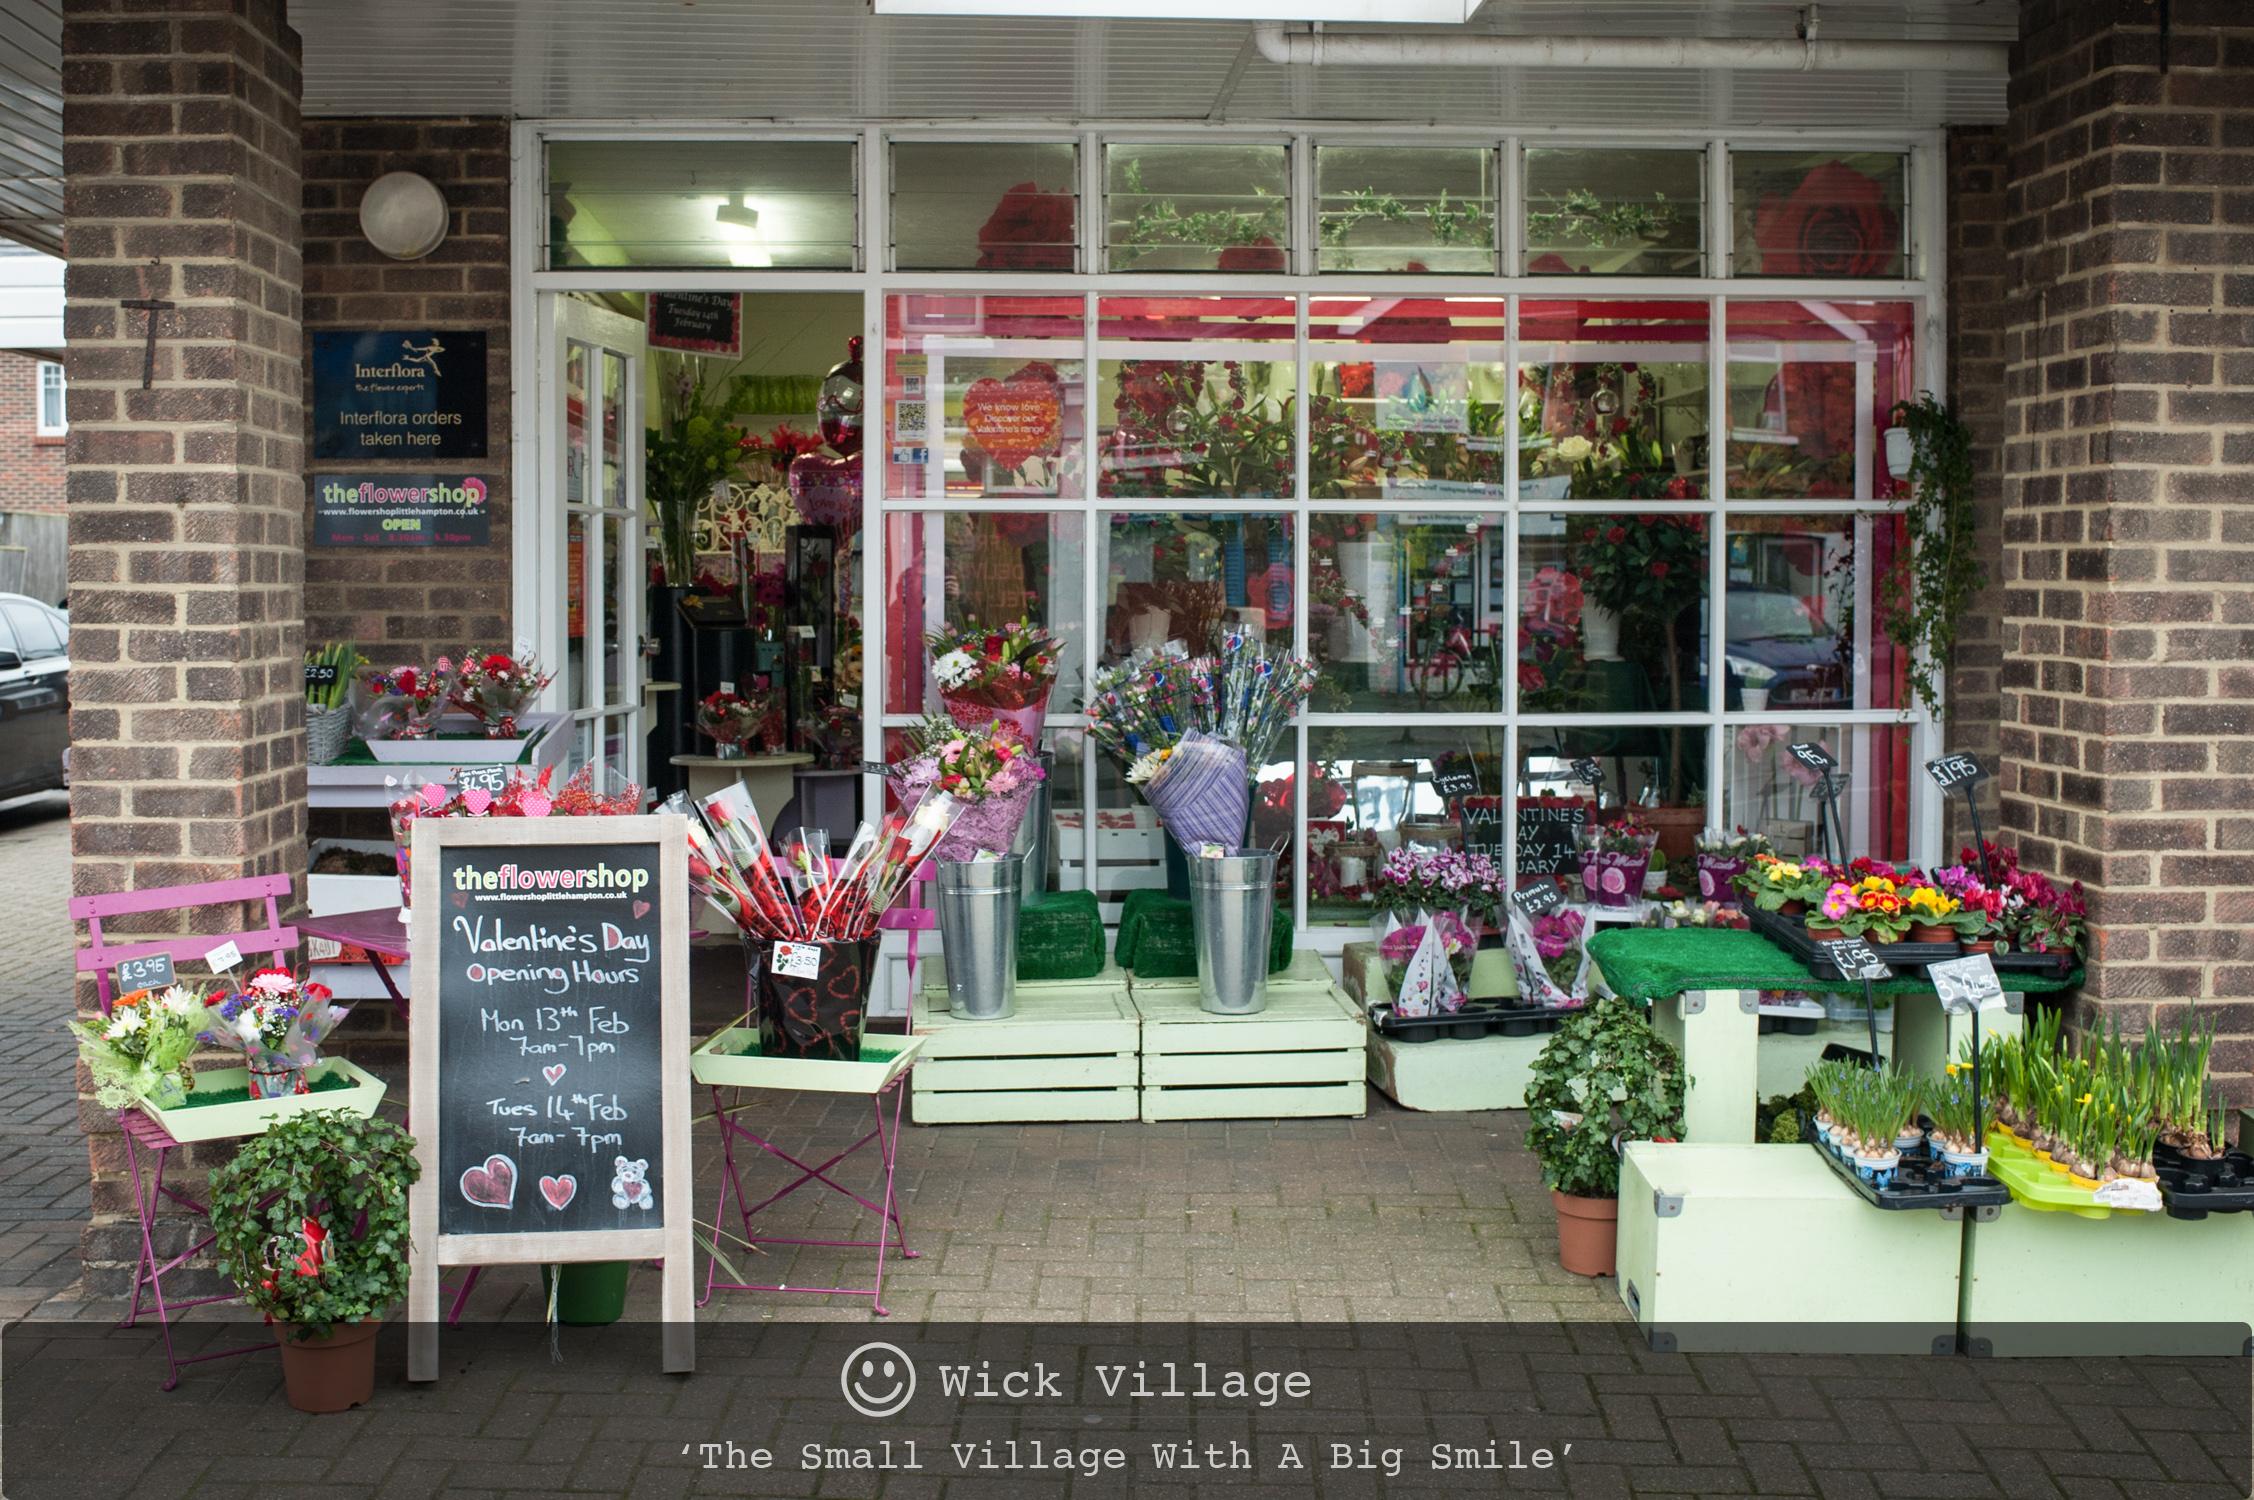 The Flower Shop in Wick Village, Littlehampton.